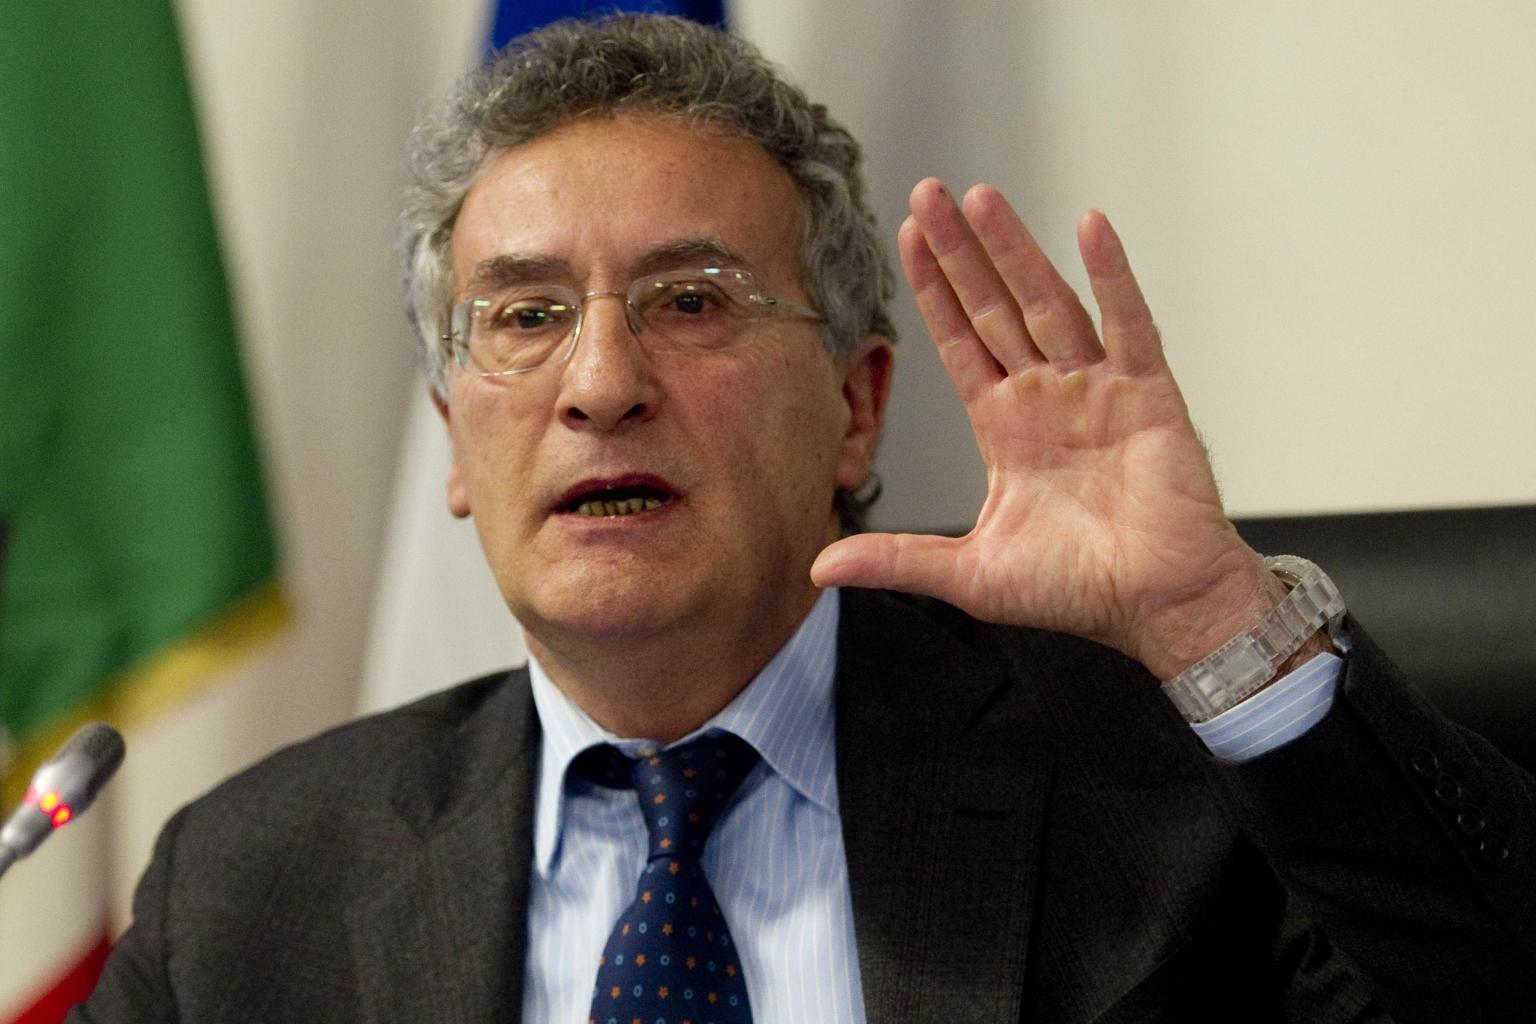 """Franco Roberti: """"La mafia fa affari con gli imprenditori ed è più pericolosa"""""""